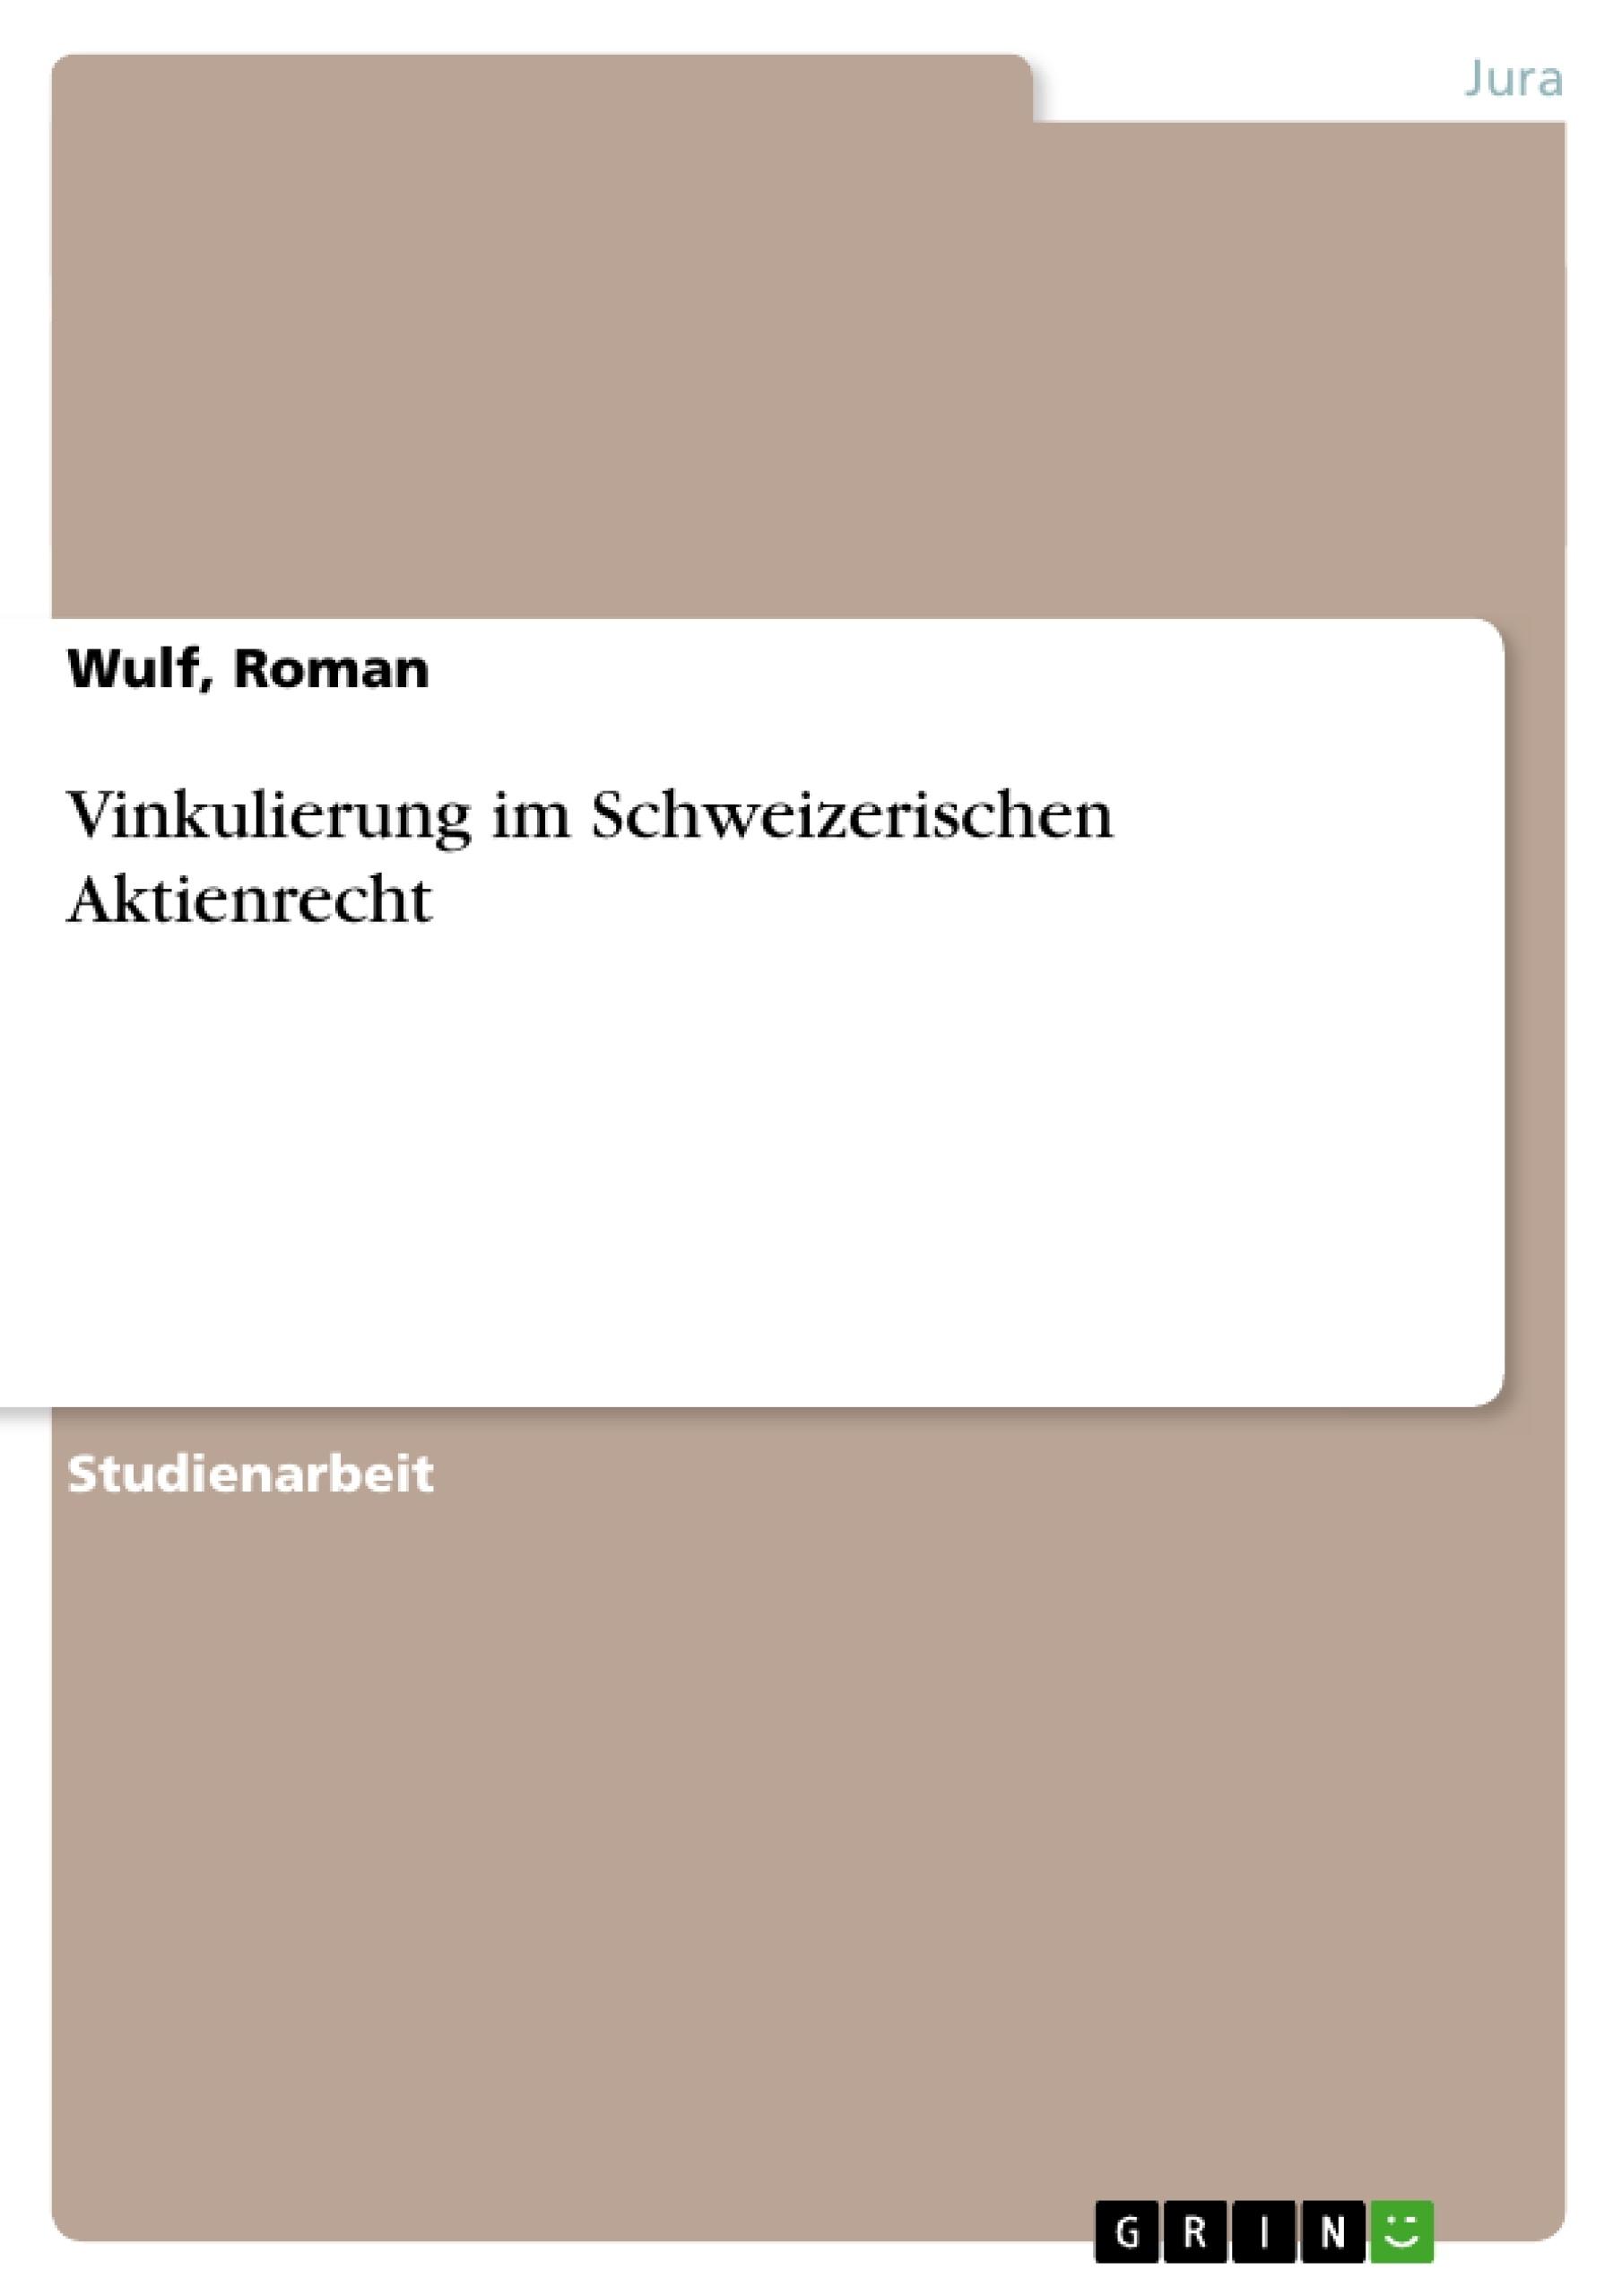 Titel: Vinkulierung im Schweizerischen Aktienrecht